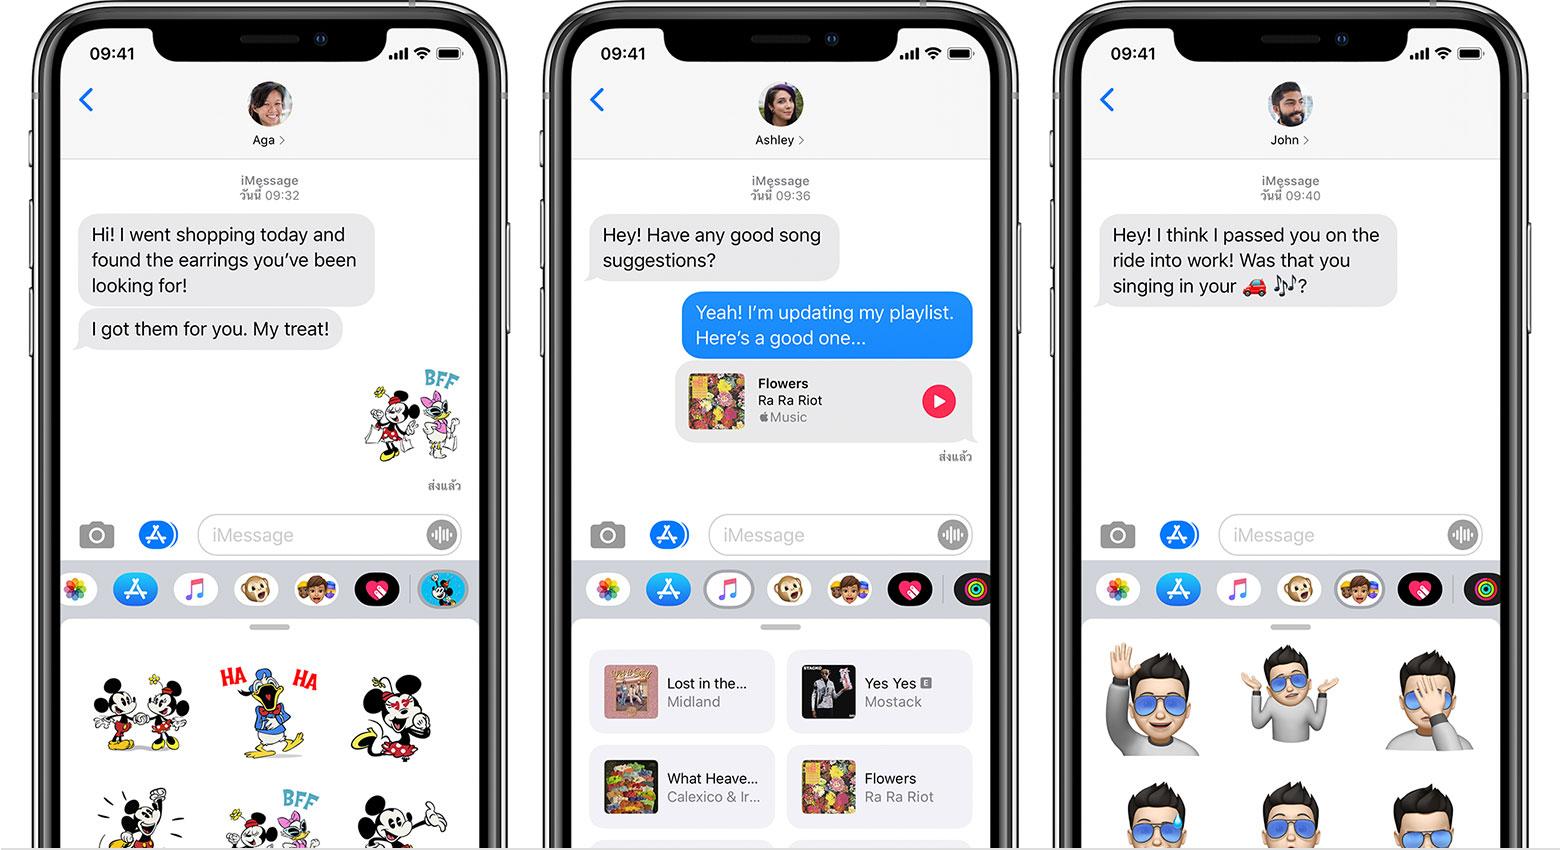 ใช้แอพ iMessage ใน iPhone, iPad และ iPod touch ของคุณ